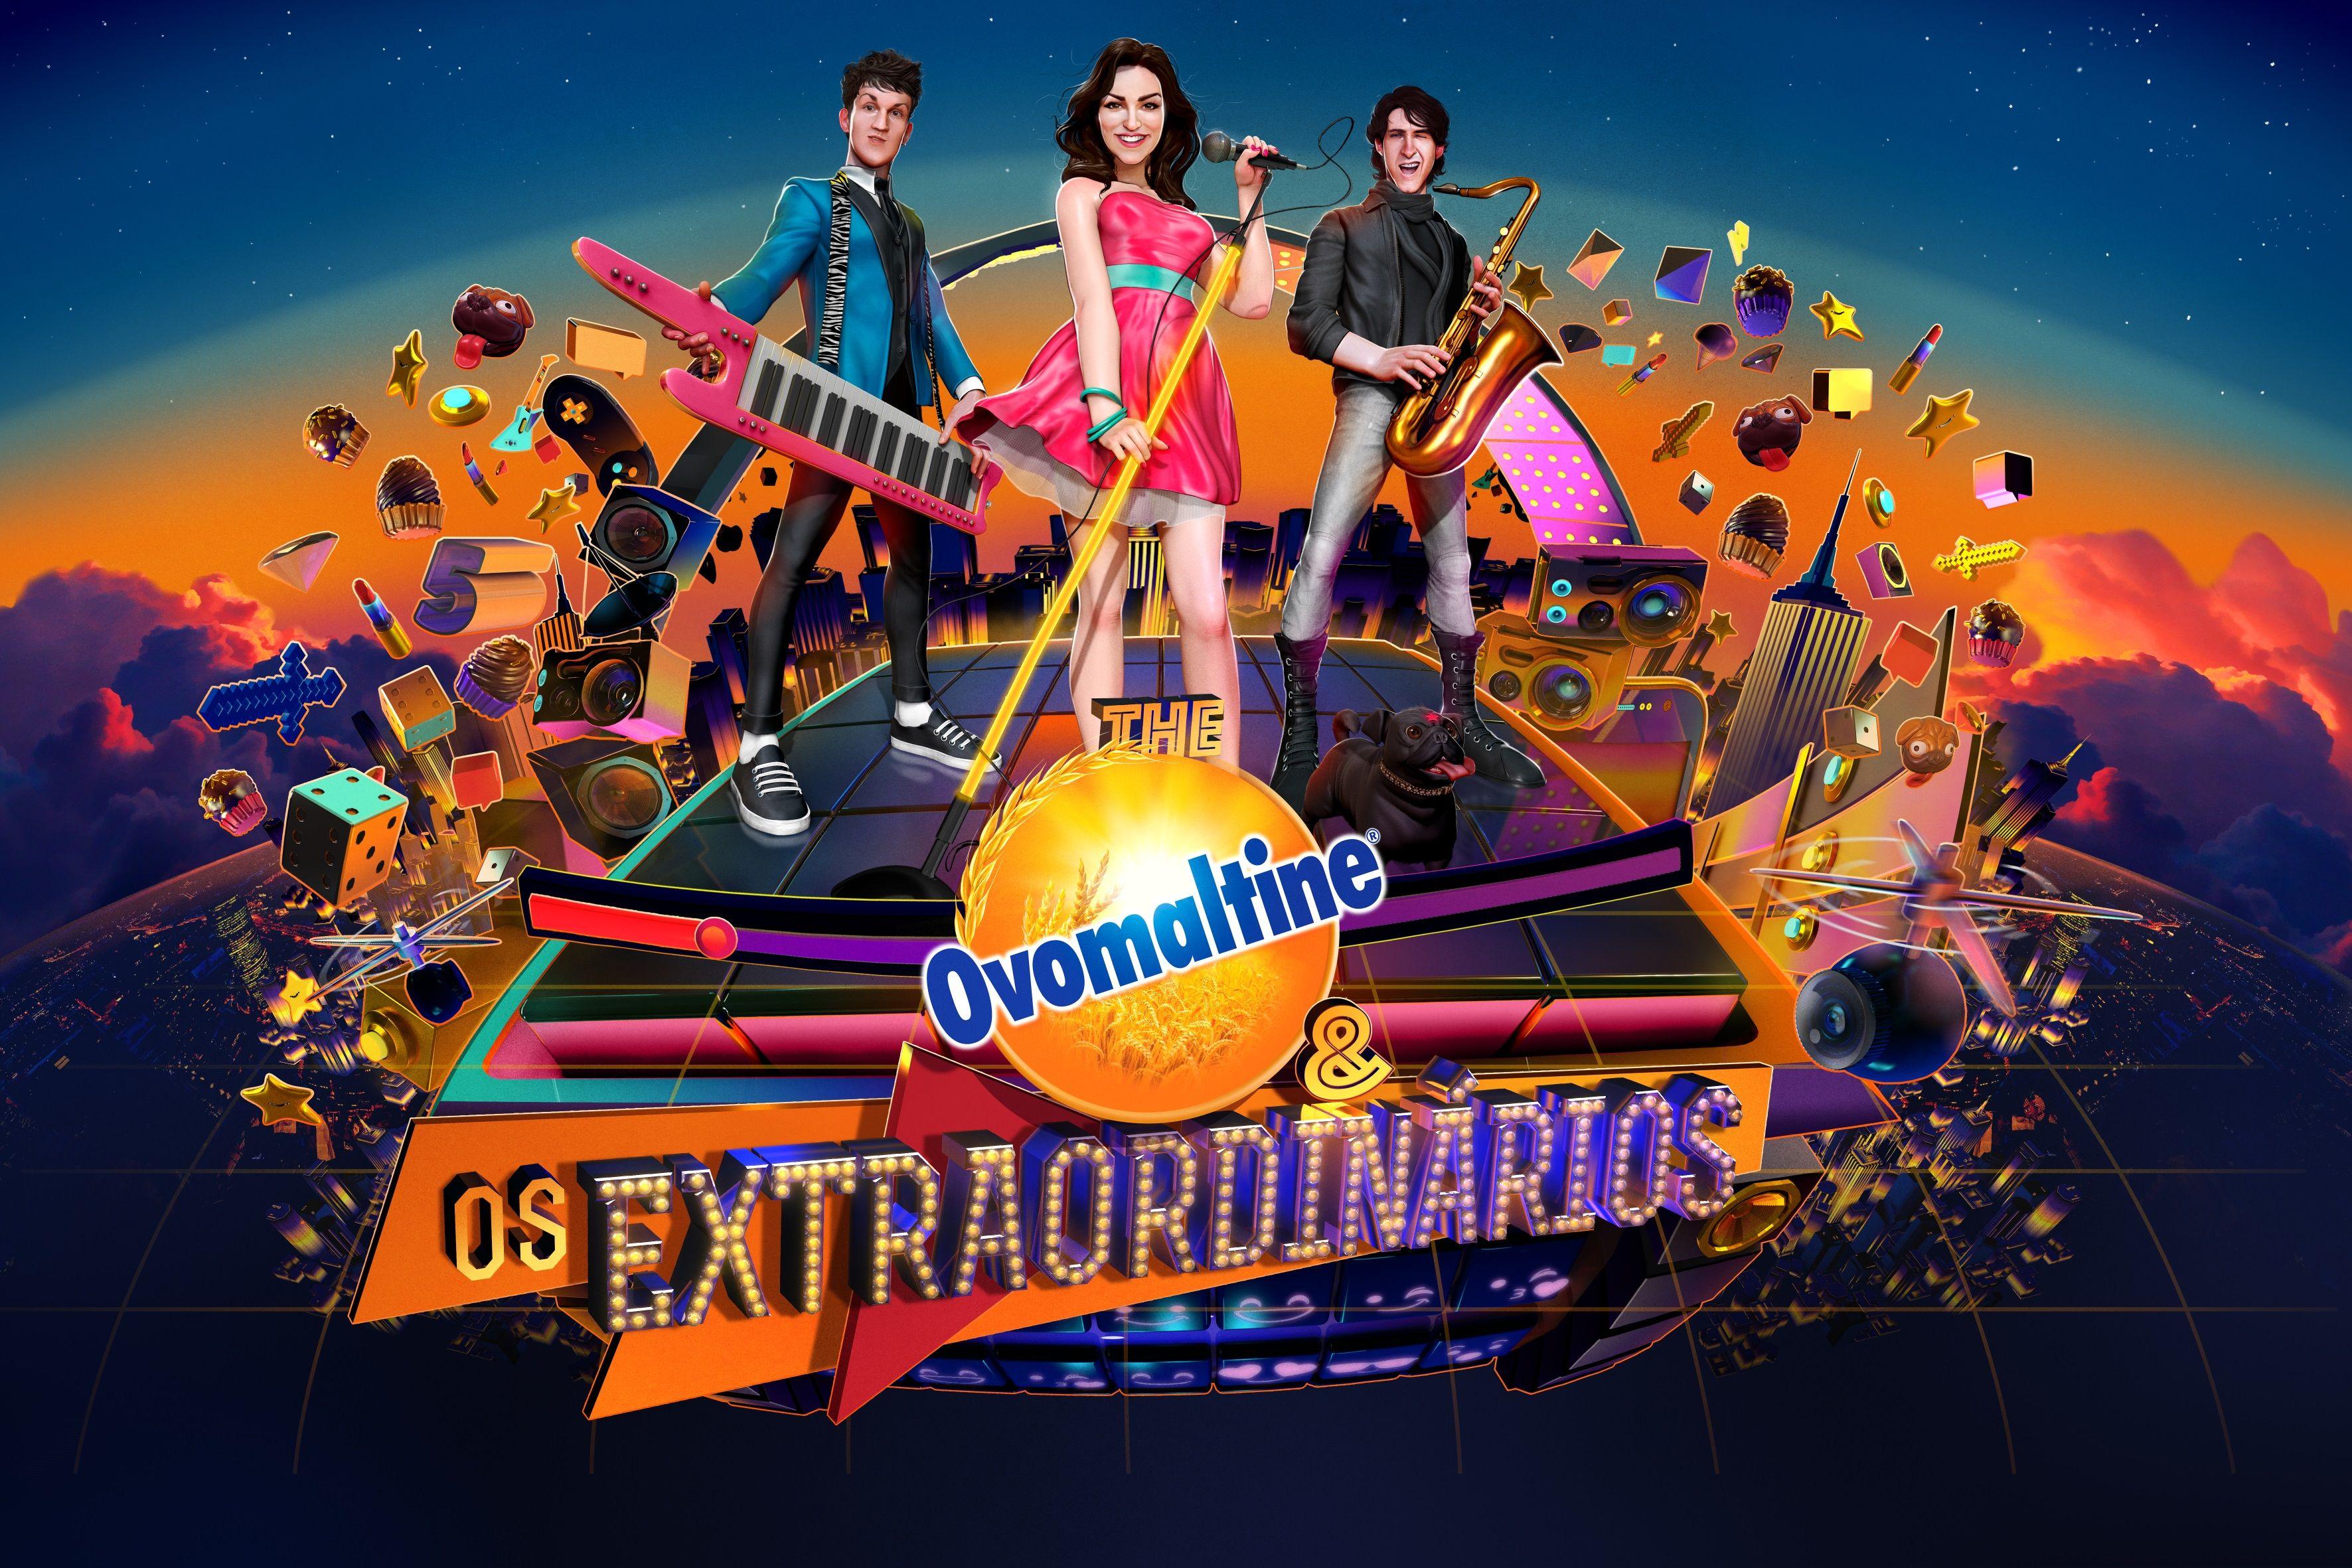 The Ovomaltine e Os Extraordinários